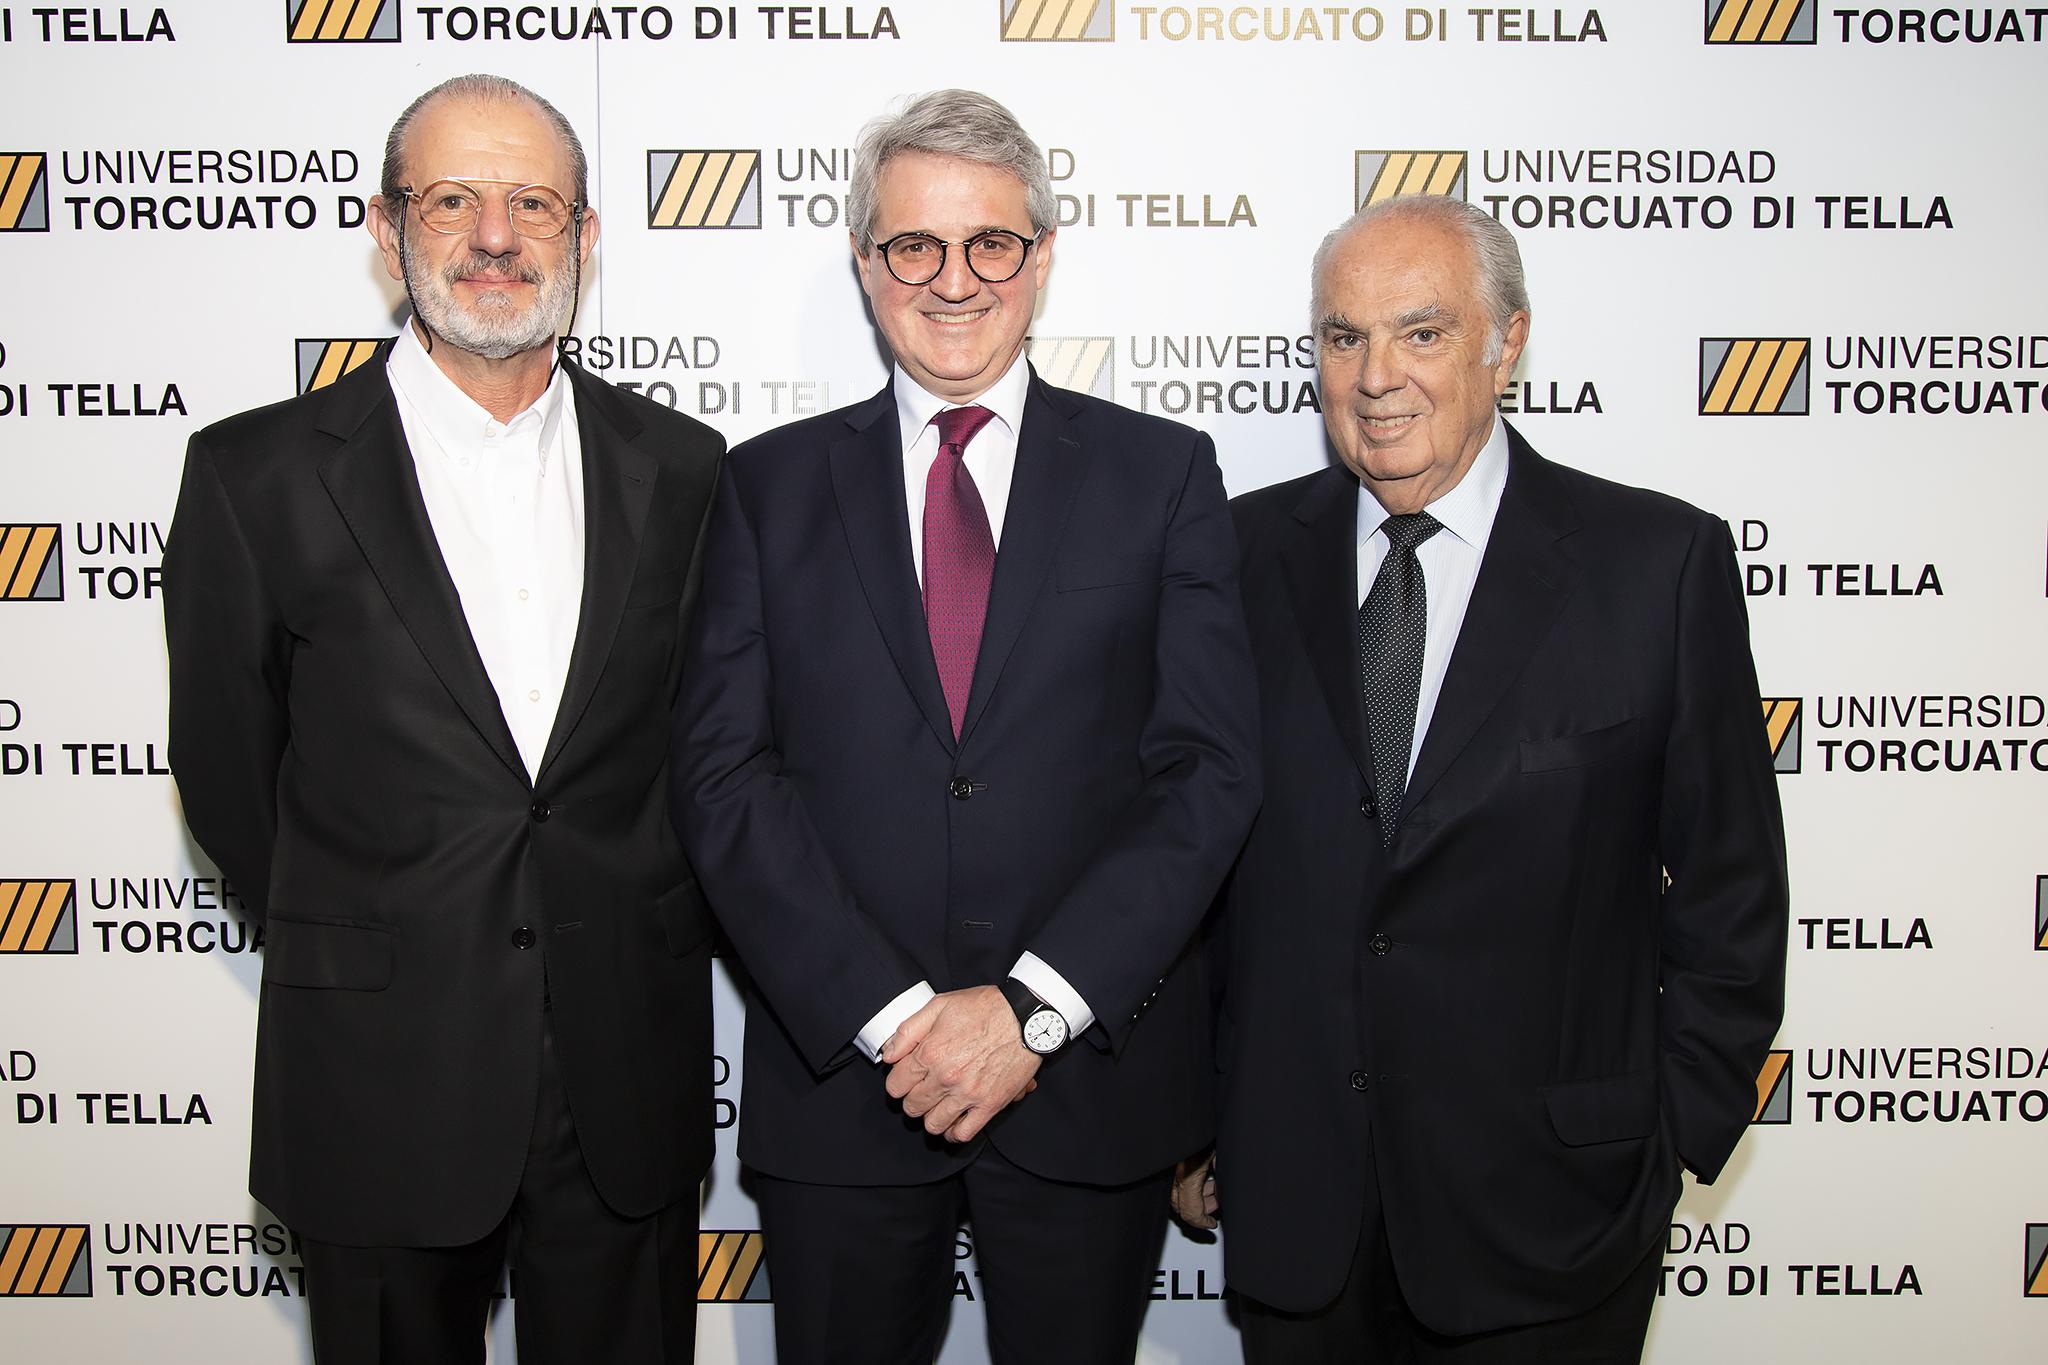 Roberto Vivo, Juan José Cruces y Juan Cambiaso